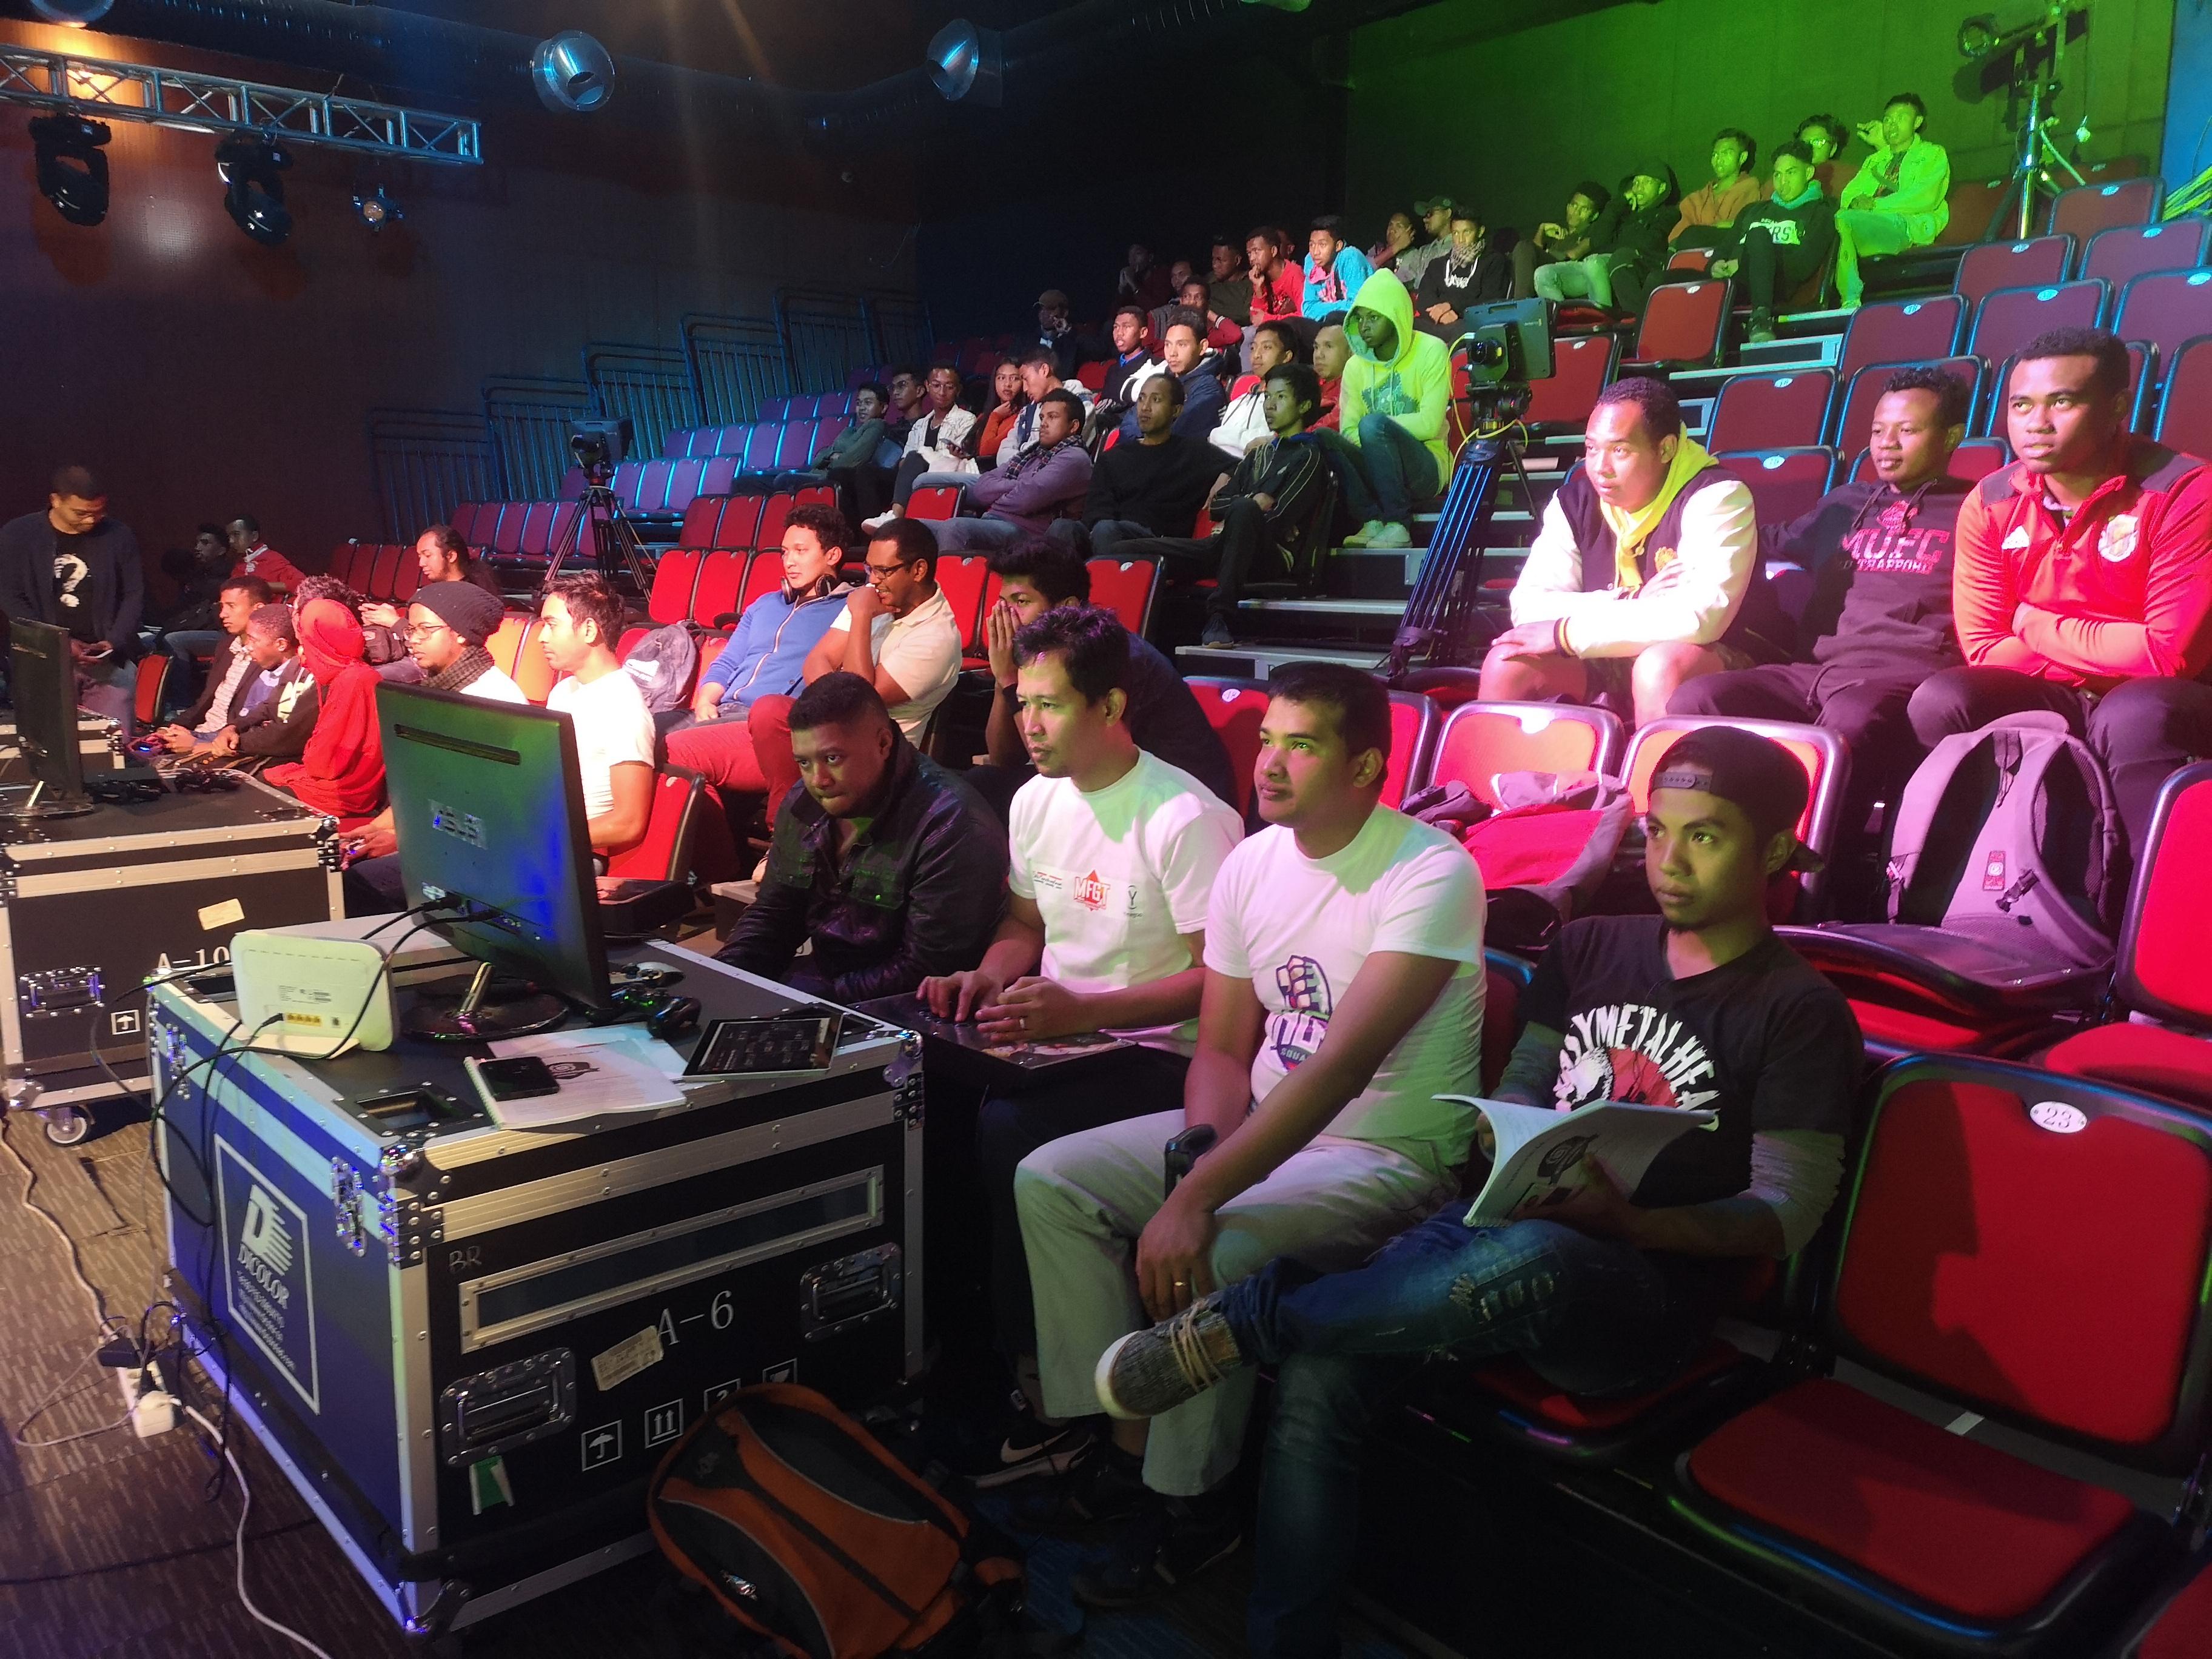 Deuxième ranking event de Street Fighter V de l'année 2019